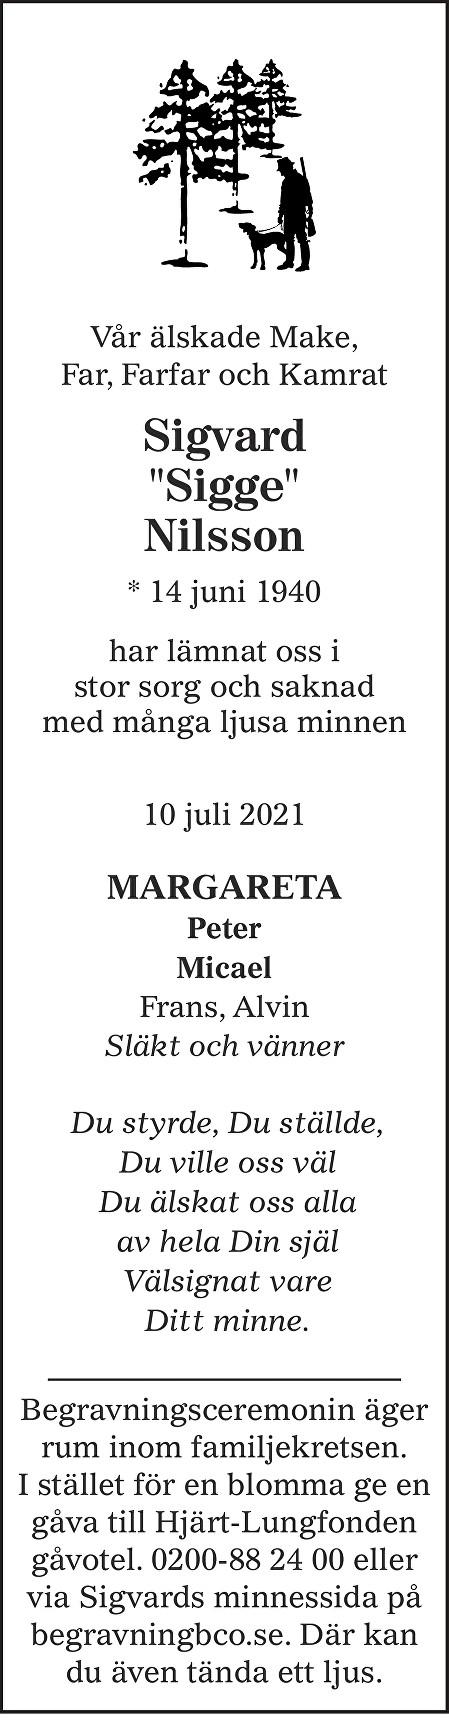 Sigvard Nilsson Death notice